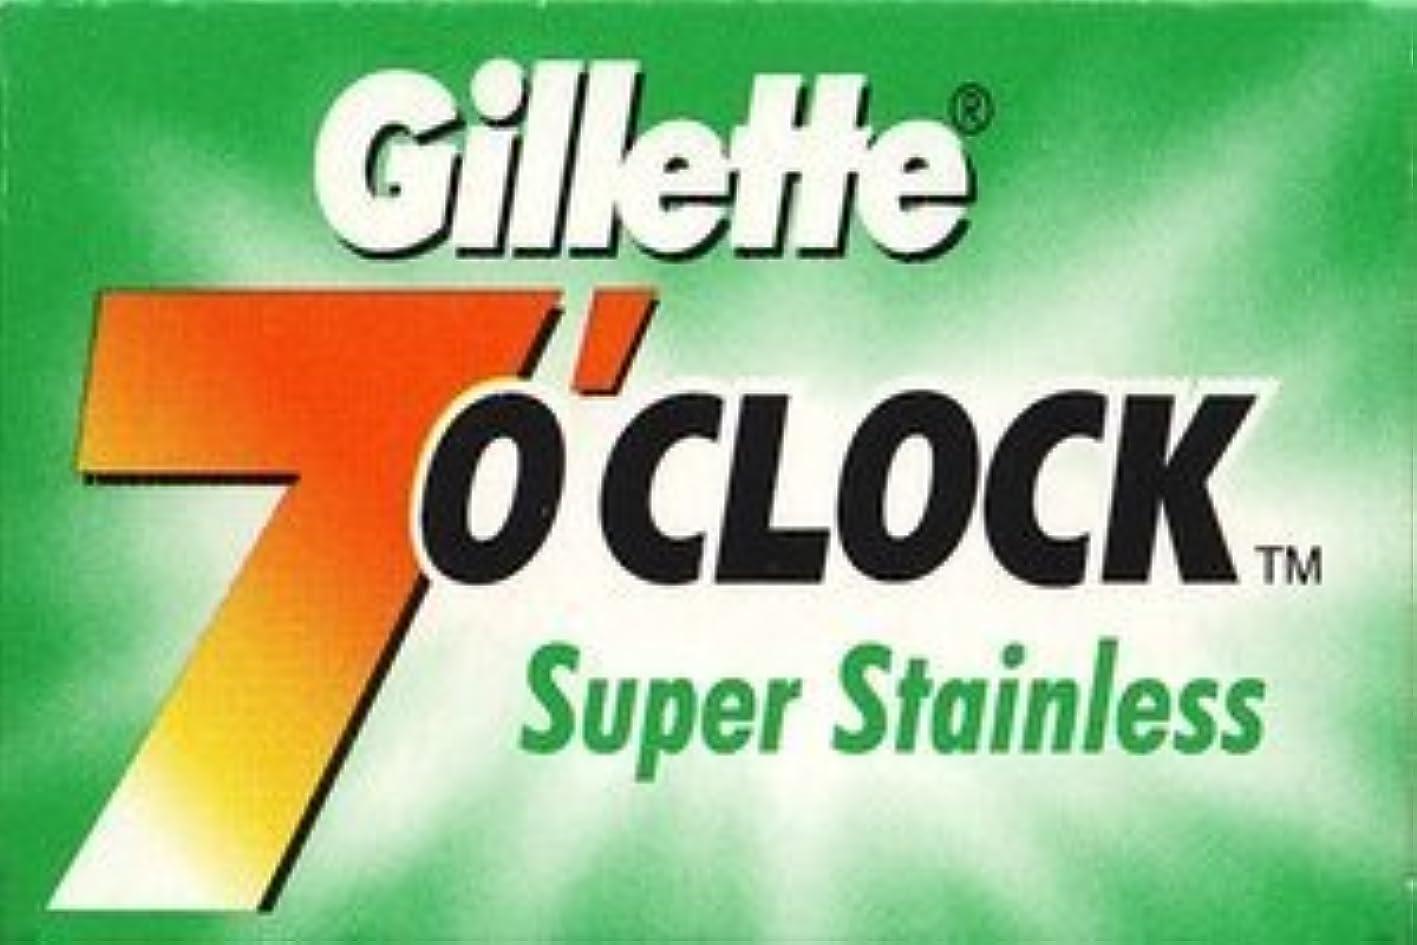 演じるブリッジマーチャンダイザーGillette 7 0'Clock Super Stainless 両刃替刃 5枚入り(5枚入り1 個セット)【並行輸入品】